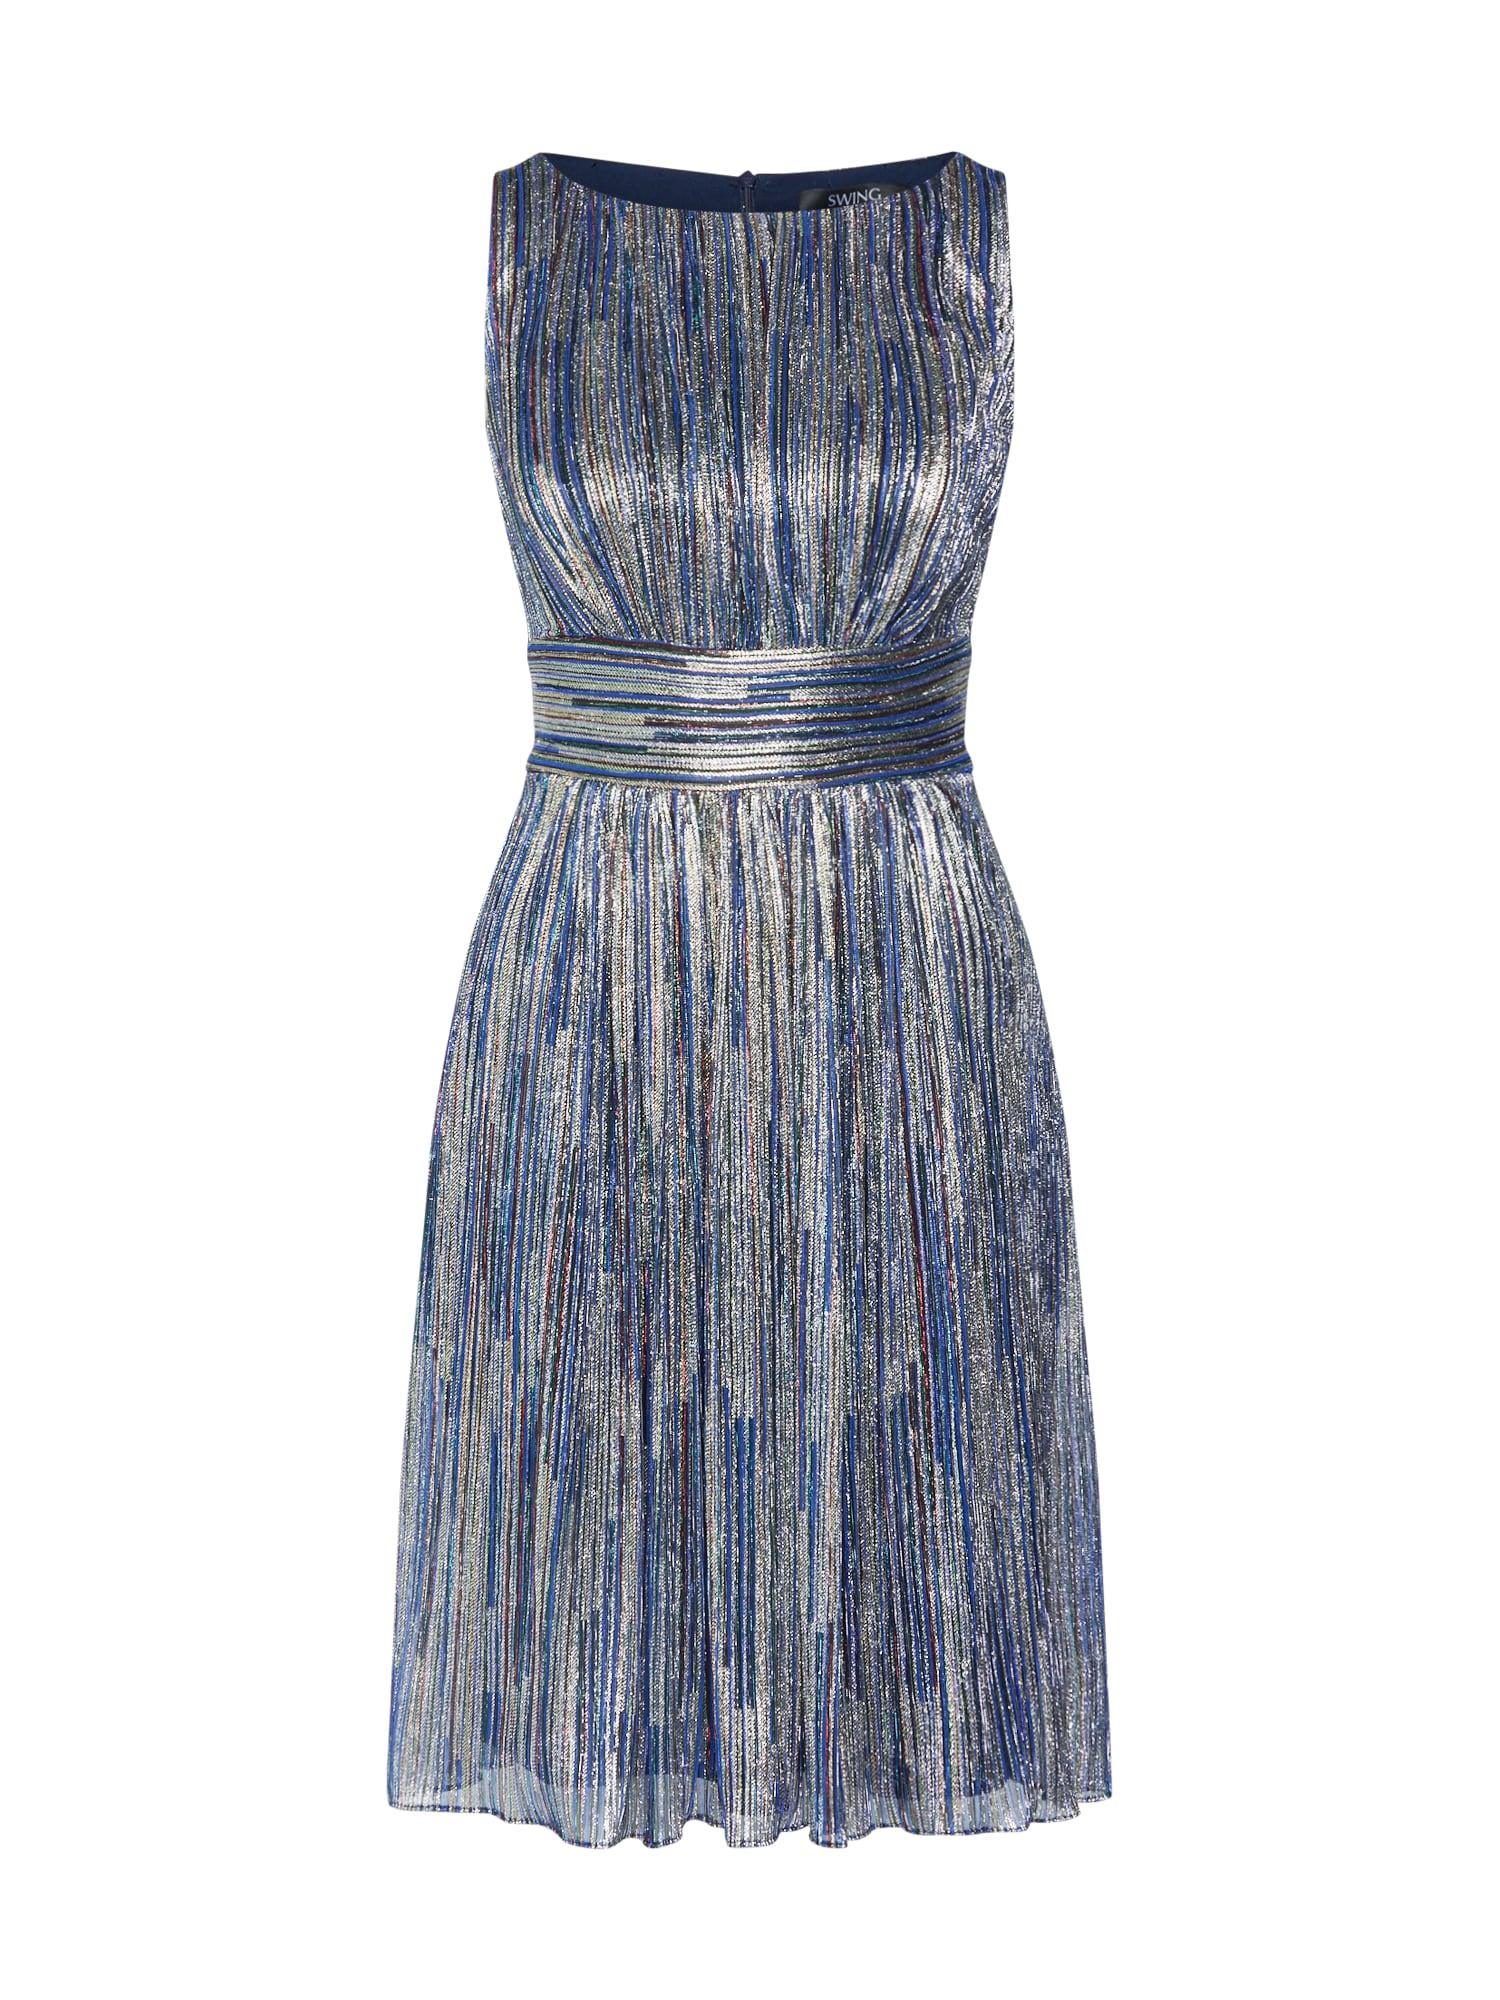 SWING Kokteilinė suknelė mėlyna / mišrios spalvos